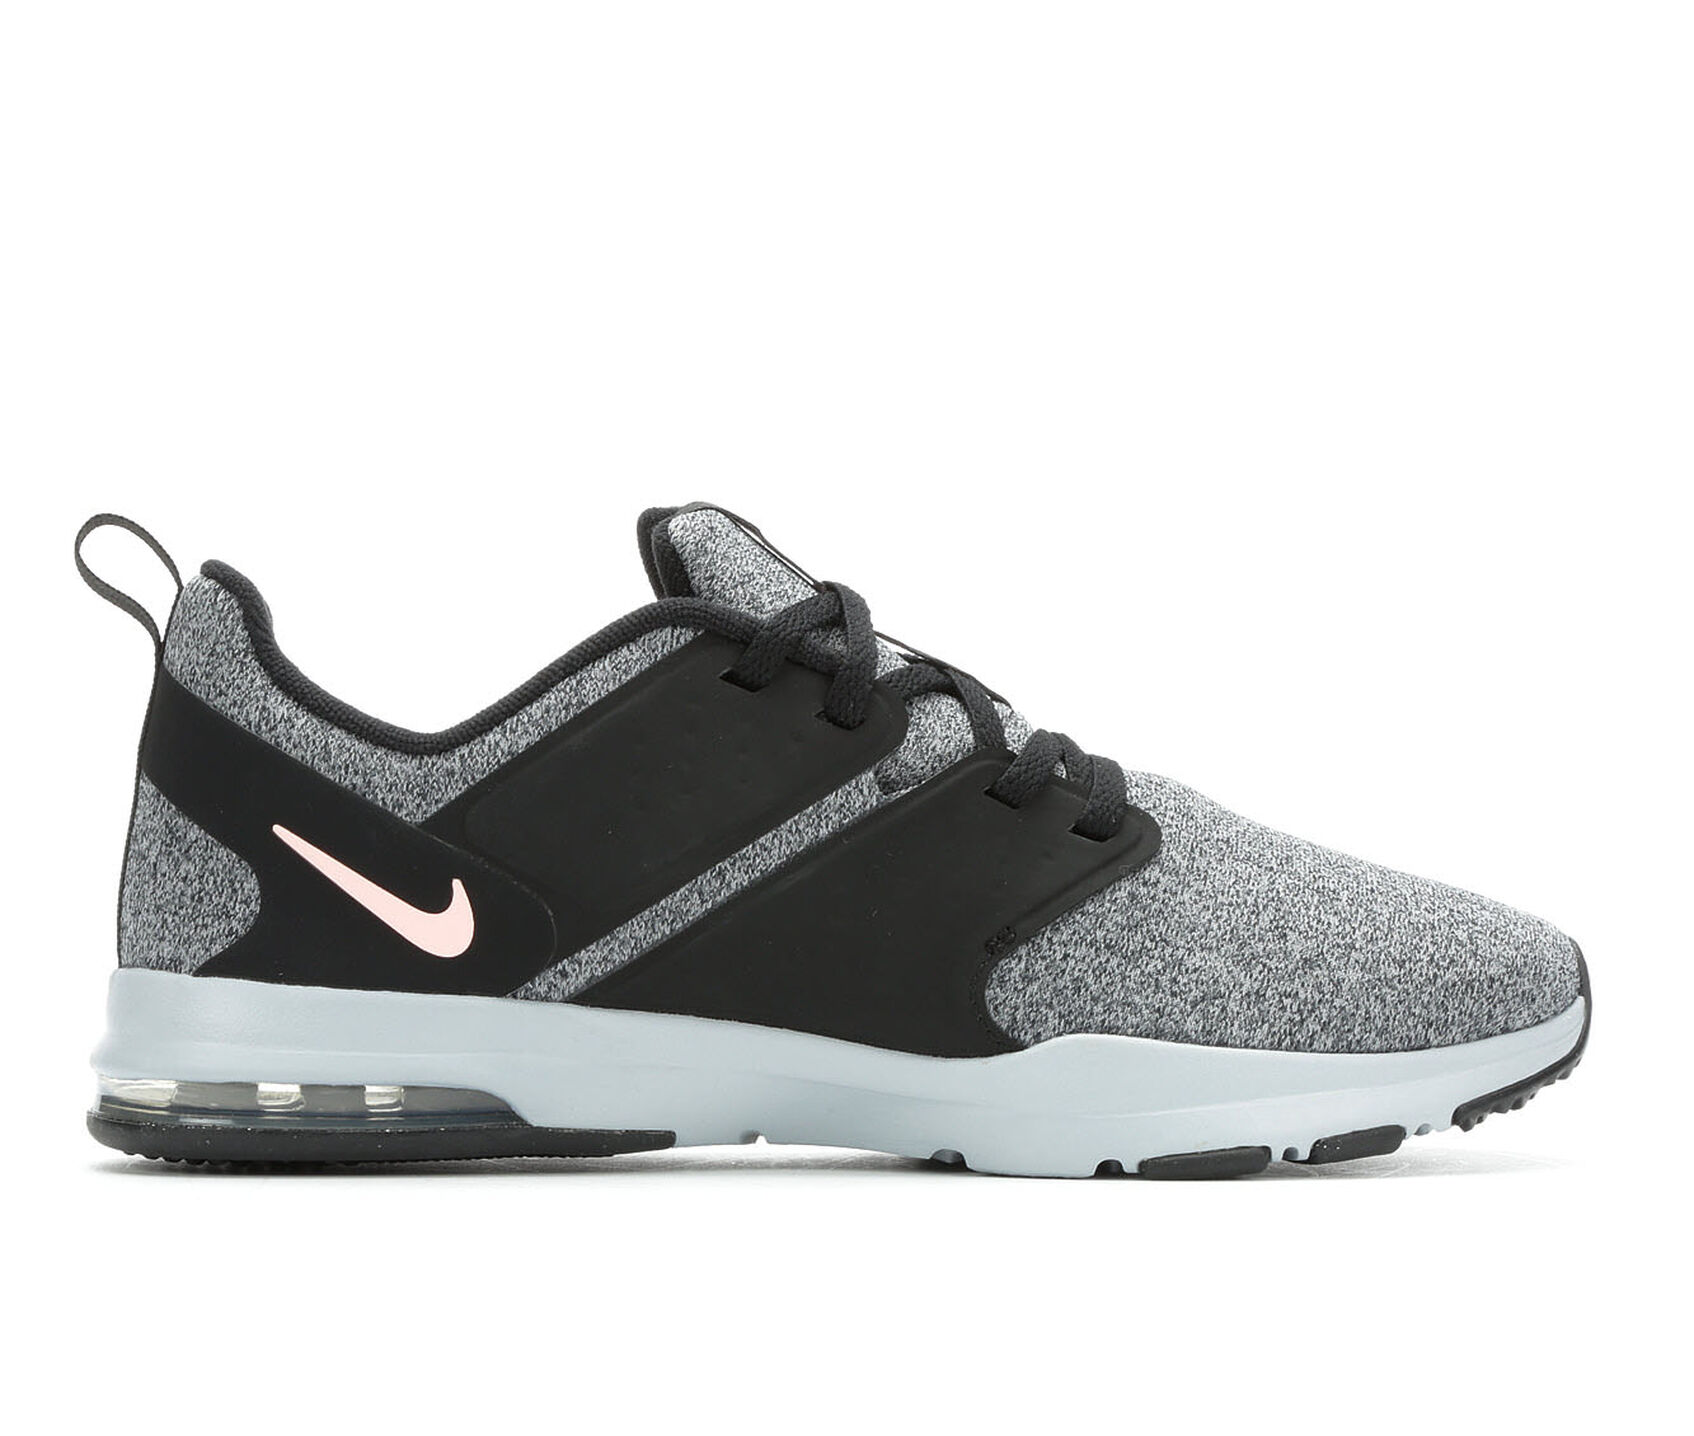 c57e2255d78 ... Nike Air Bella TR Training Shoes. Previous